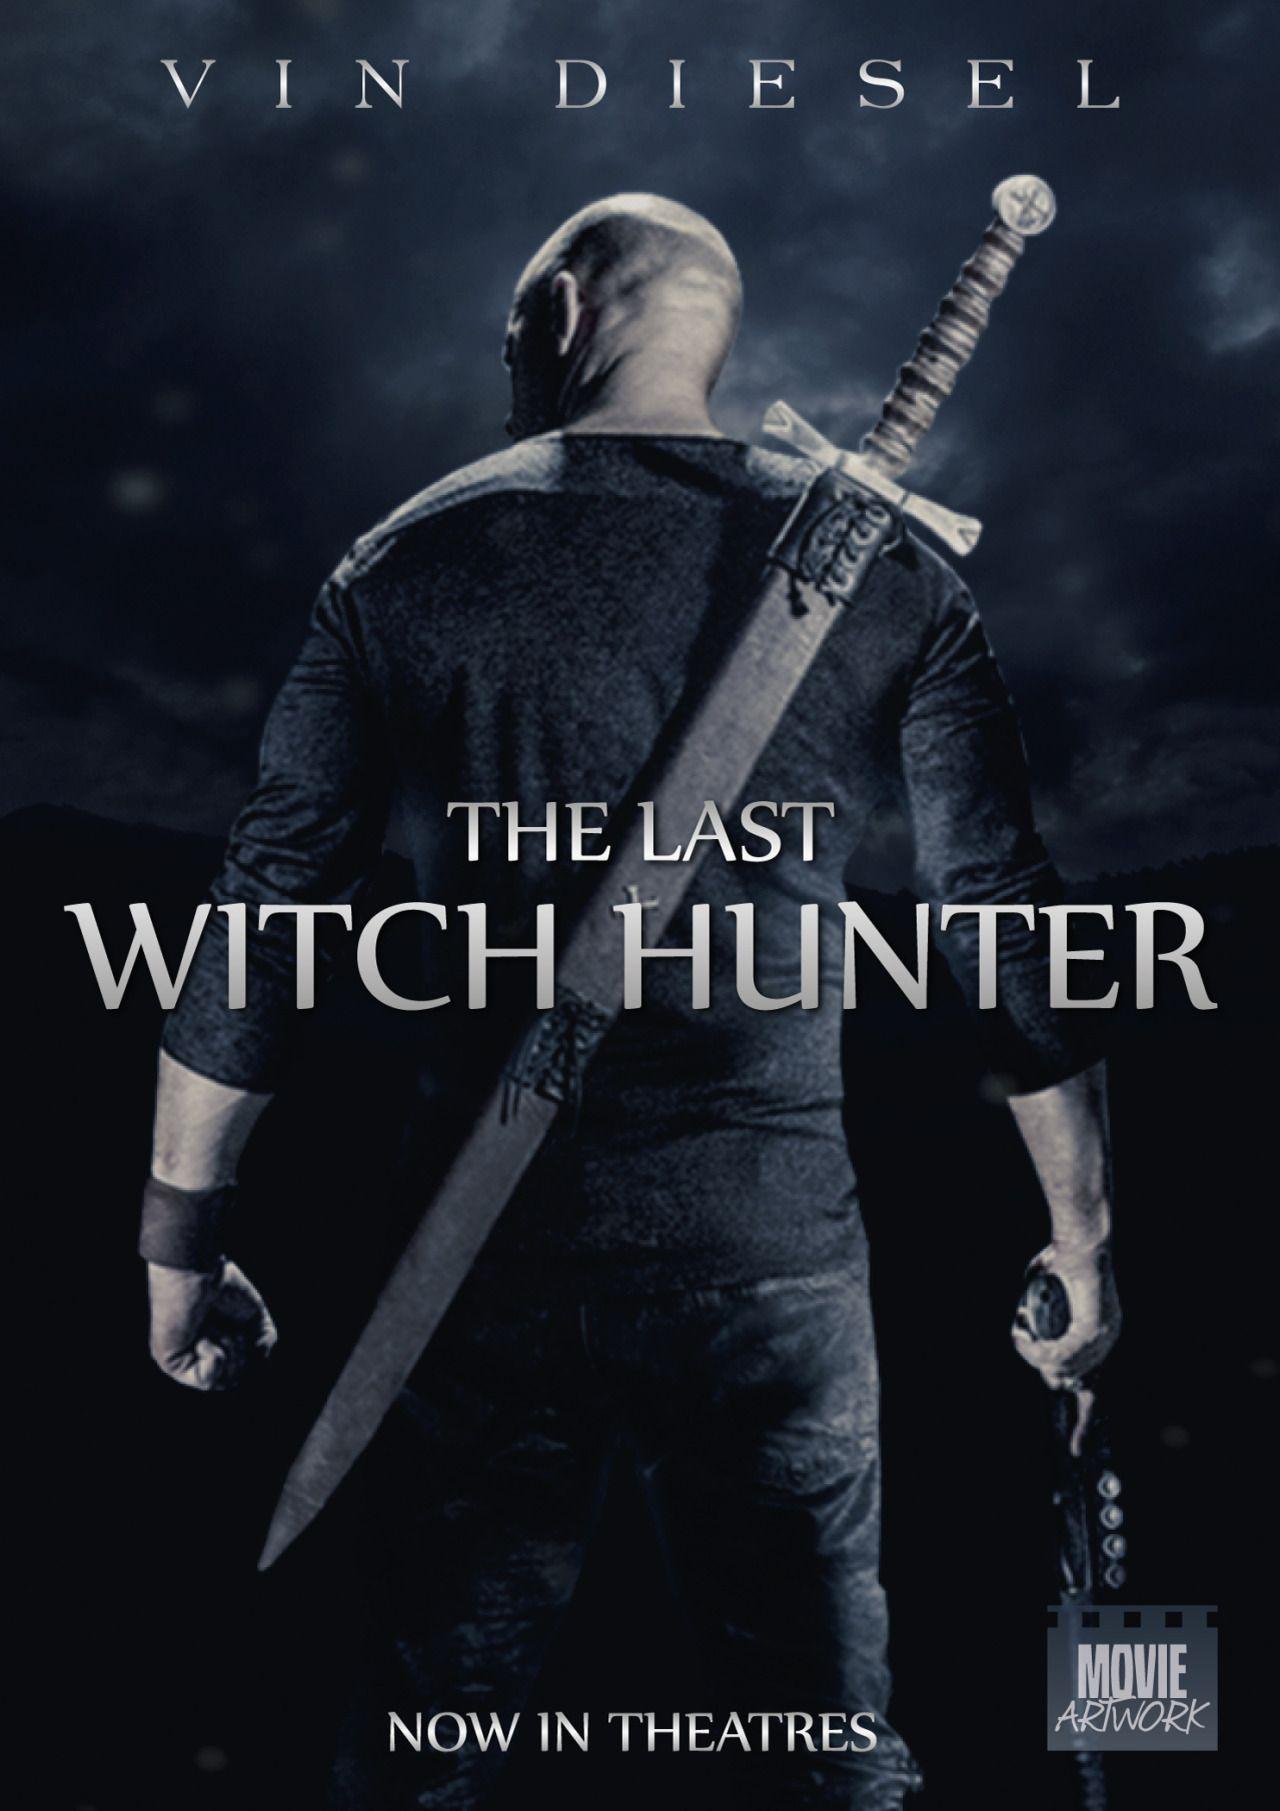 دانلود فیلم The Last Witch Hunter 2015 دوبله فارسی - آخرین شکارچی جادوگر